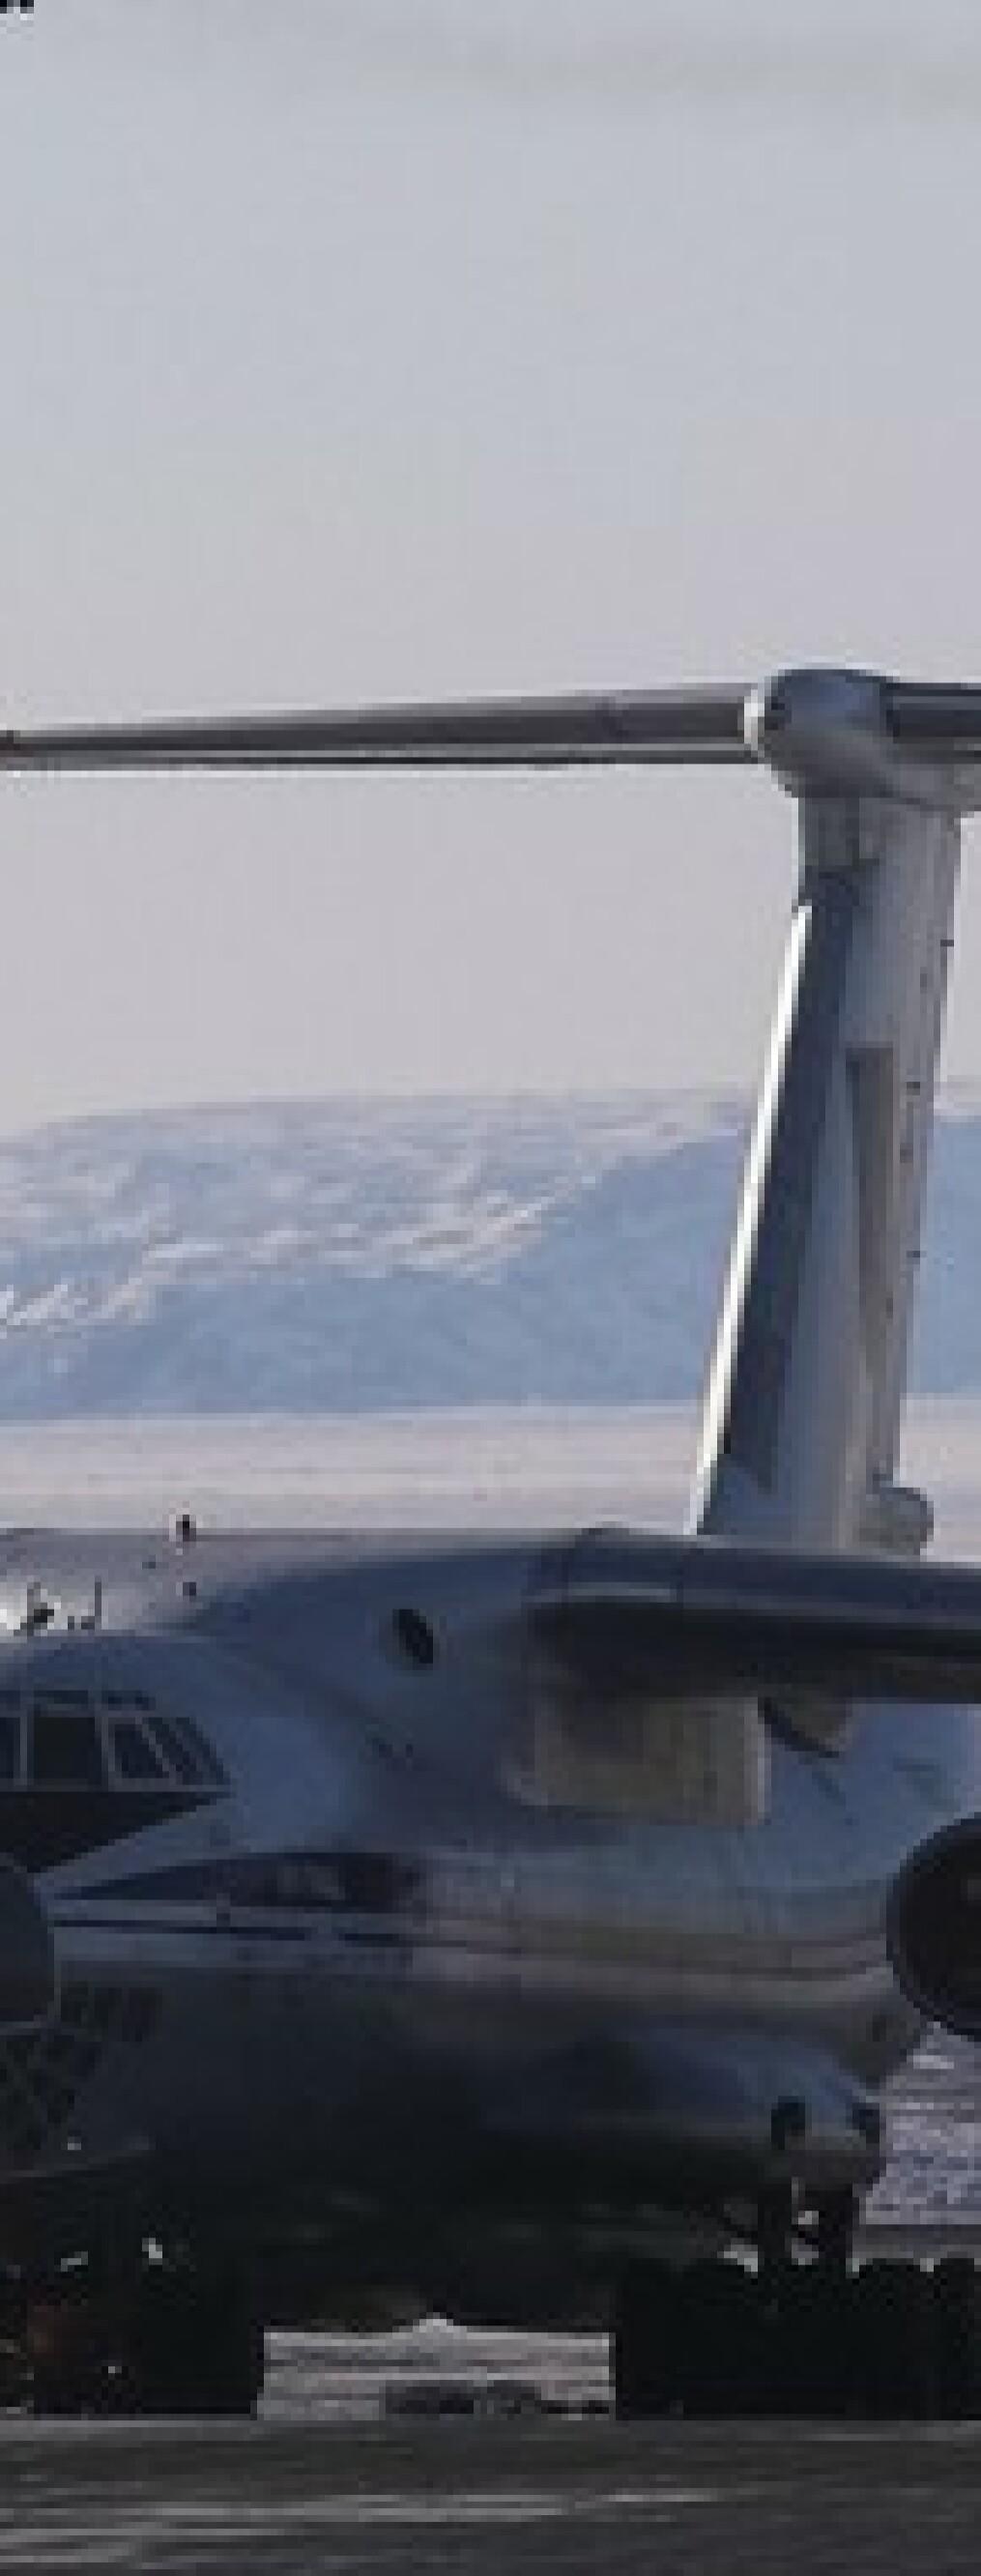 USA har forsøkt å kjøpe Grønland to ganger tidligere